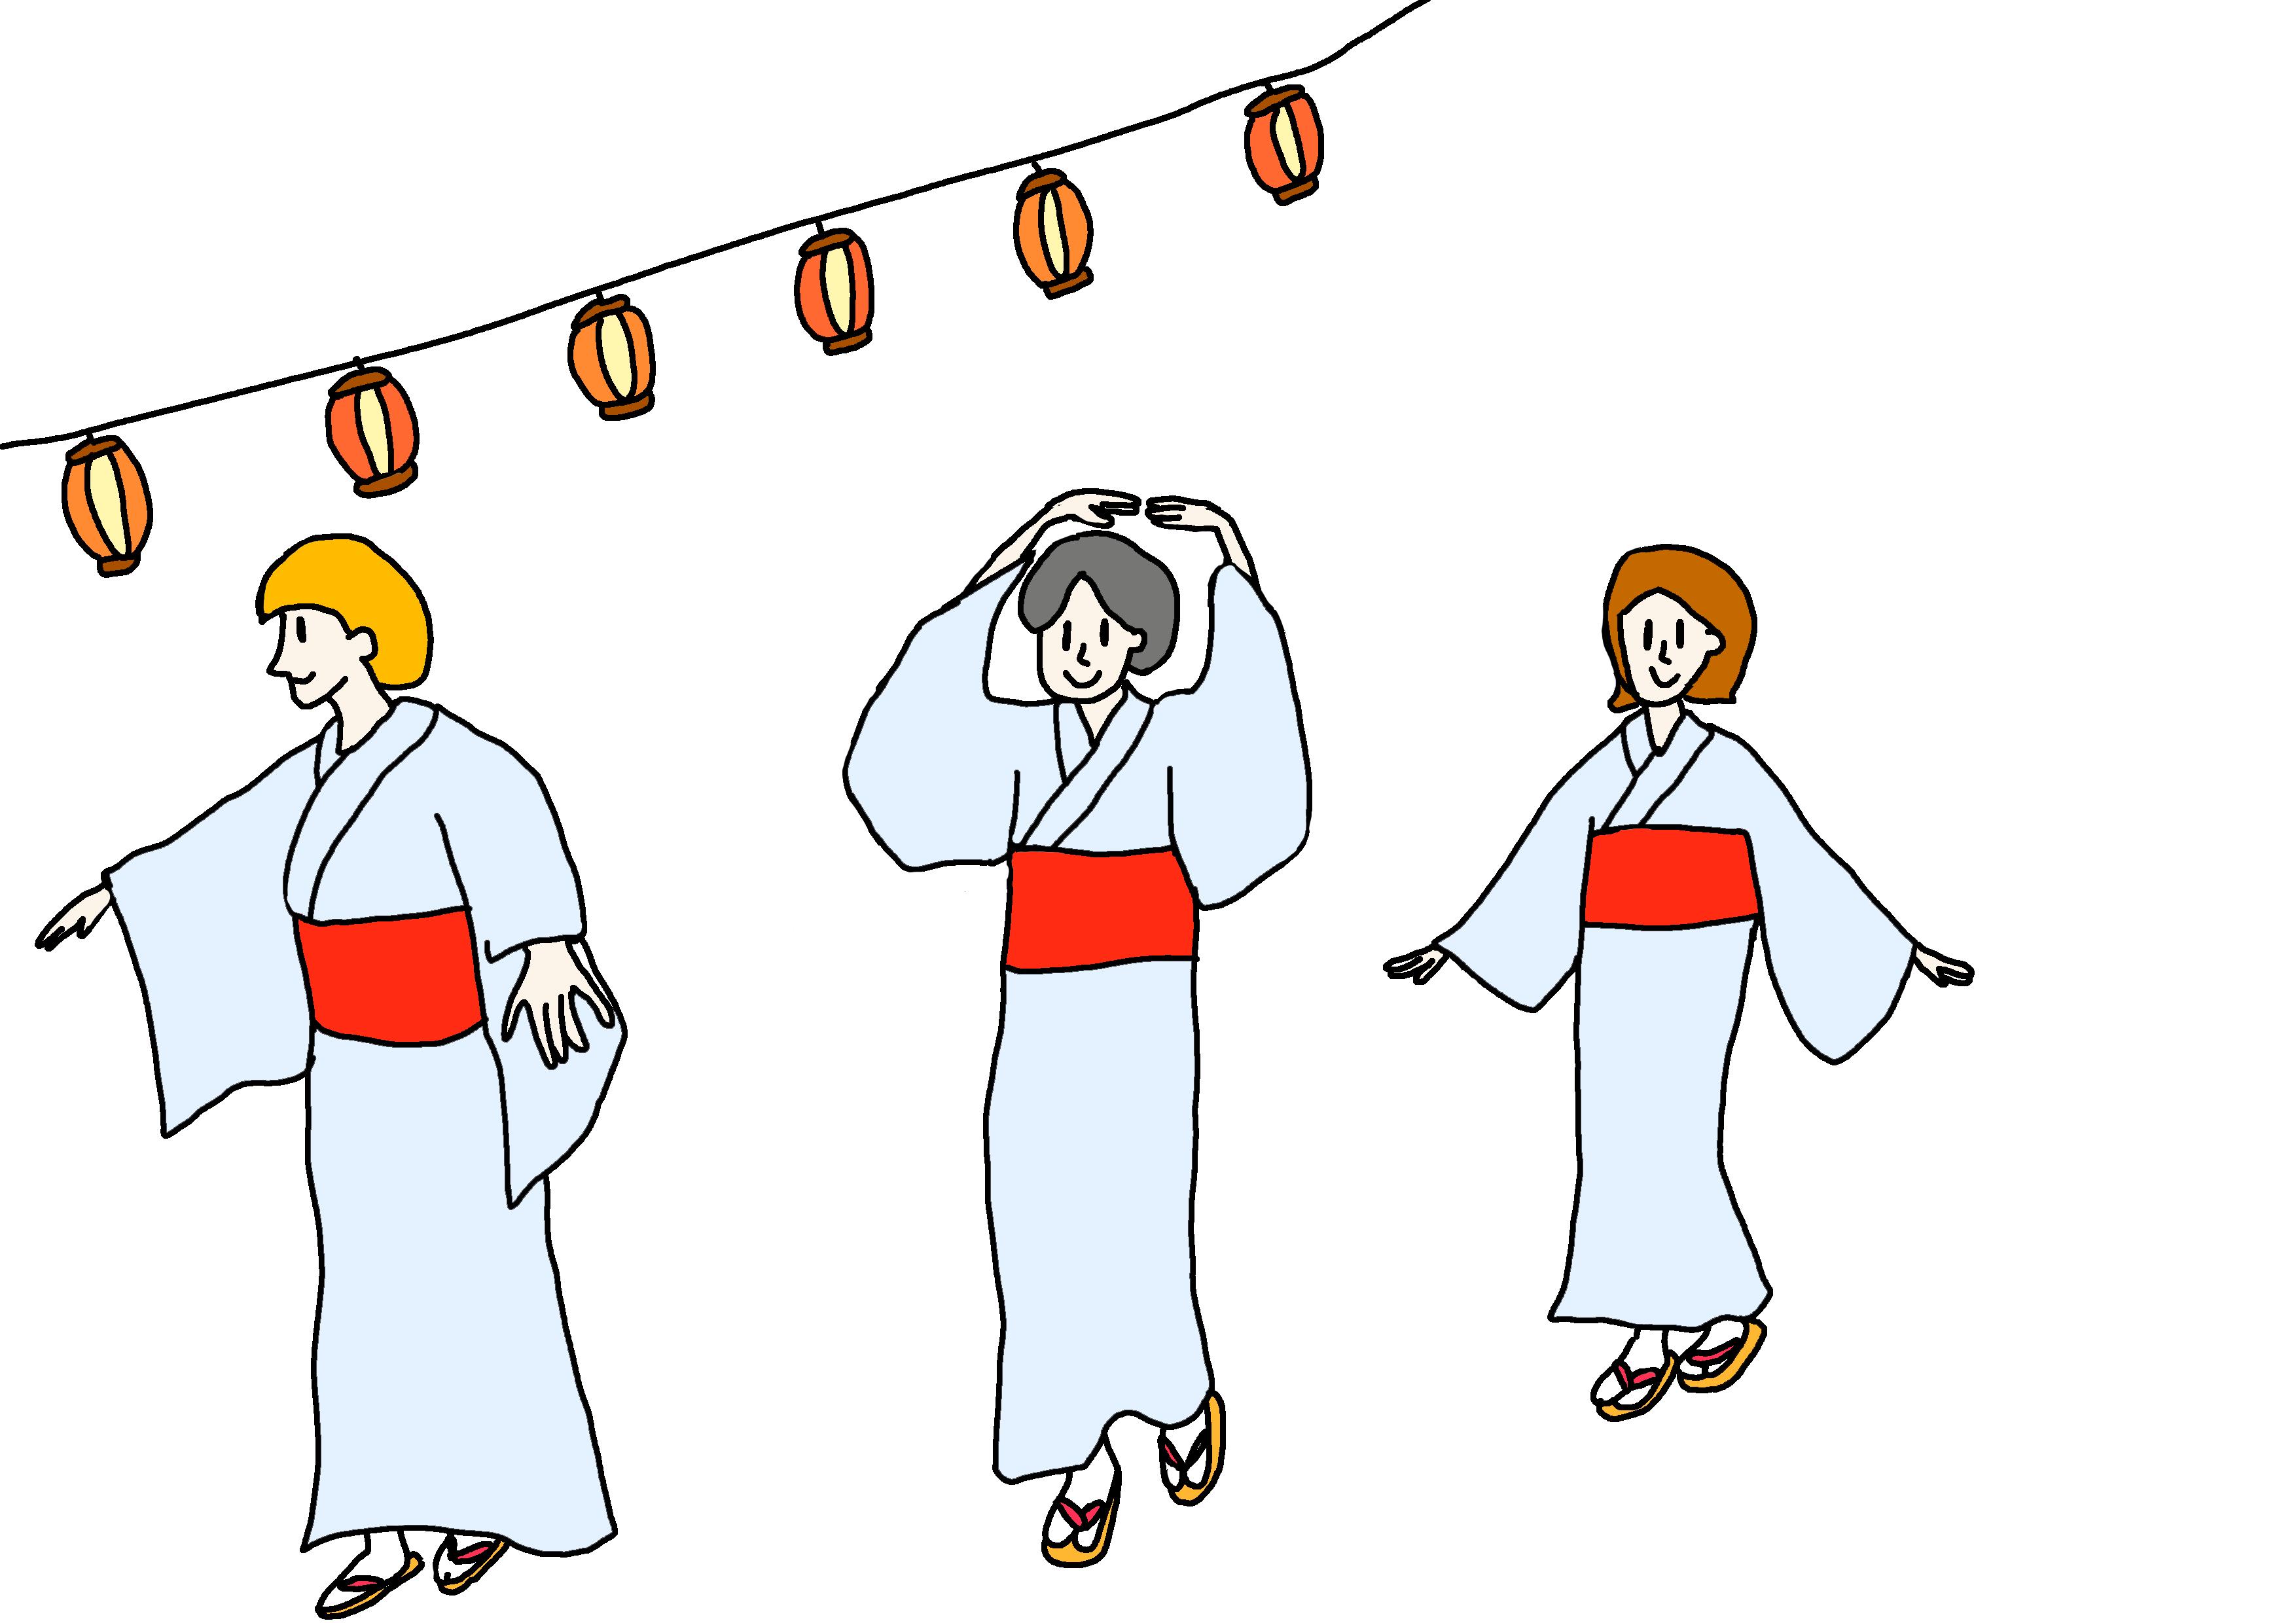 26課イラスト【盆踊り】